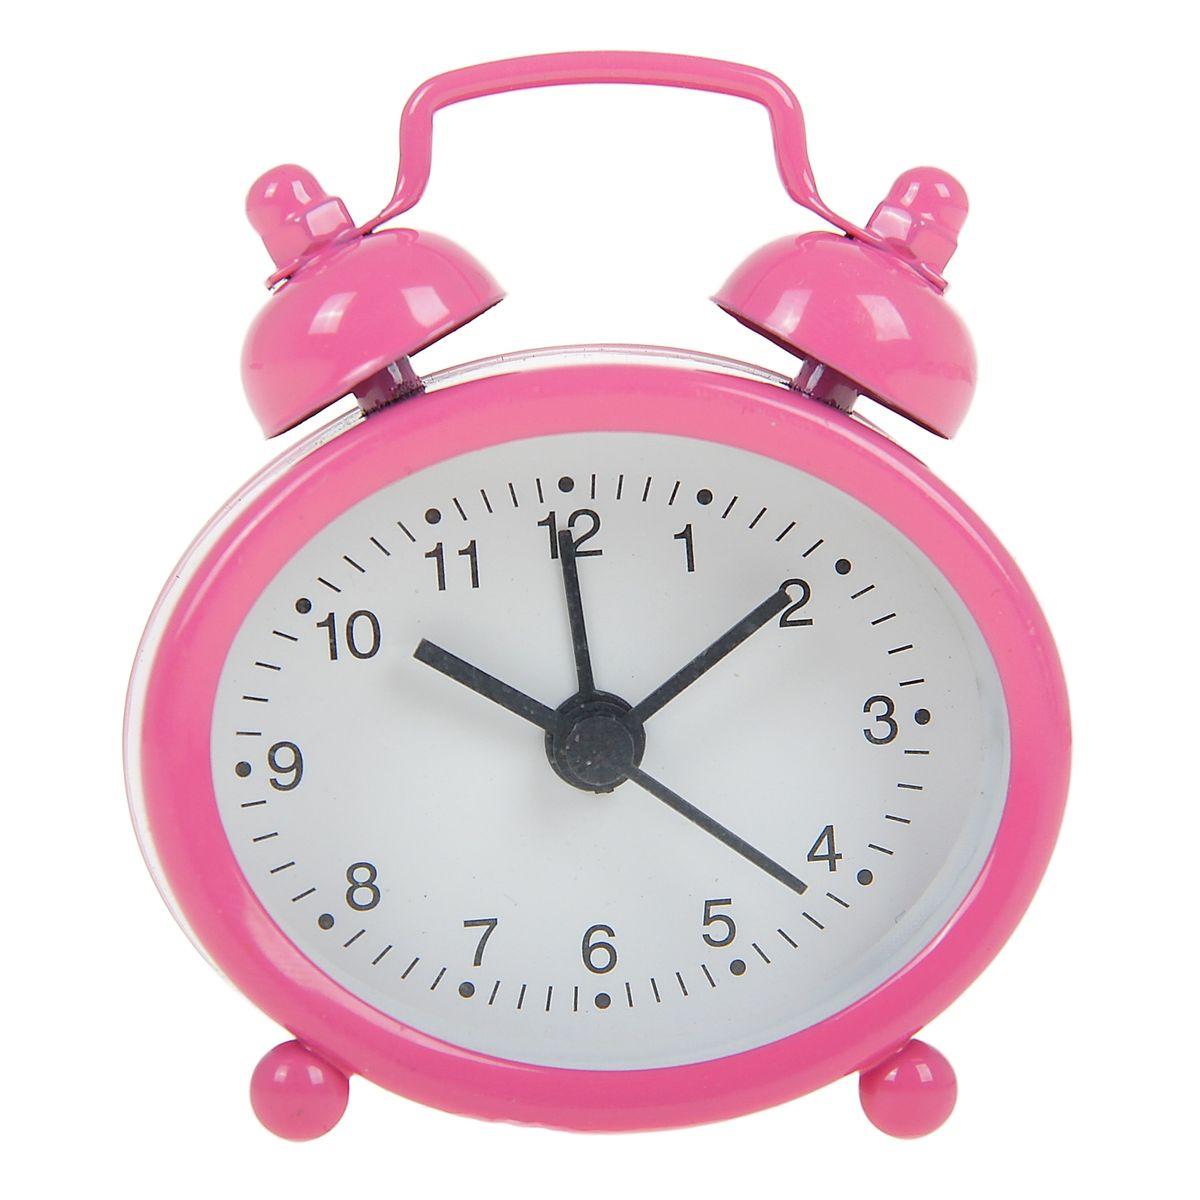 Часы-будильник Sima-land, цвет: розовый. 840946840946Как же сложно иногда вставать вовремя! Всегда так хочется поспать еще хотя бы 5 минут и бывает, что мы просыпаем. Теперь этого не случится! Яркий, оригинальный будильник Sima-land поможет вам всегда вставать в нужное время и успевать везде и всюду. Будильник украсит вашу комнату и приведет в восхищение друзей. Эта уменьшенная версия привычного будильника умещается на ладони и работает так же громко, как и привычные аналоги. Время показывает точно и будит в установленный час.На задней панели будильника расположены переключатель включения/выключения механизма, а также два колесика для настройки текущего времени и времени звонка будильника.Будильник работает от 1 батарейки типа LR44 (входит в комплект).